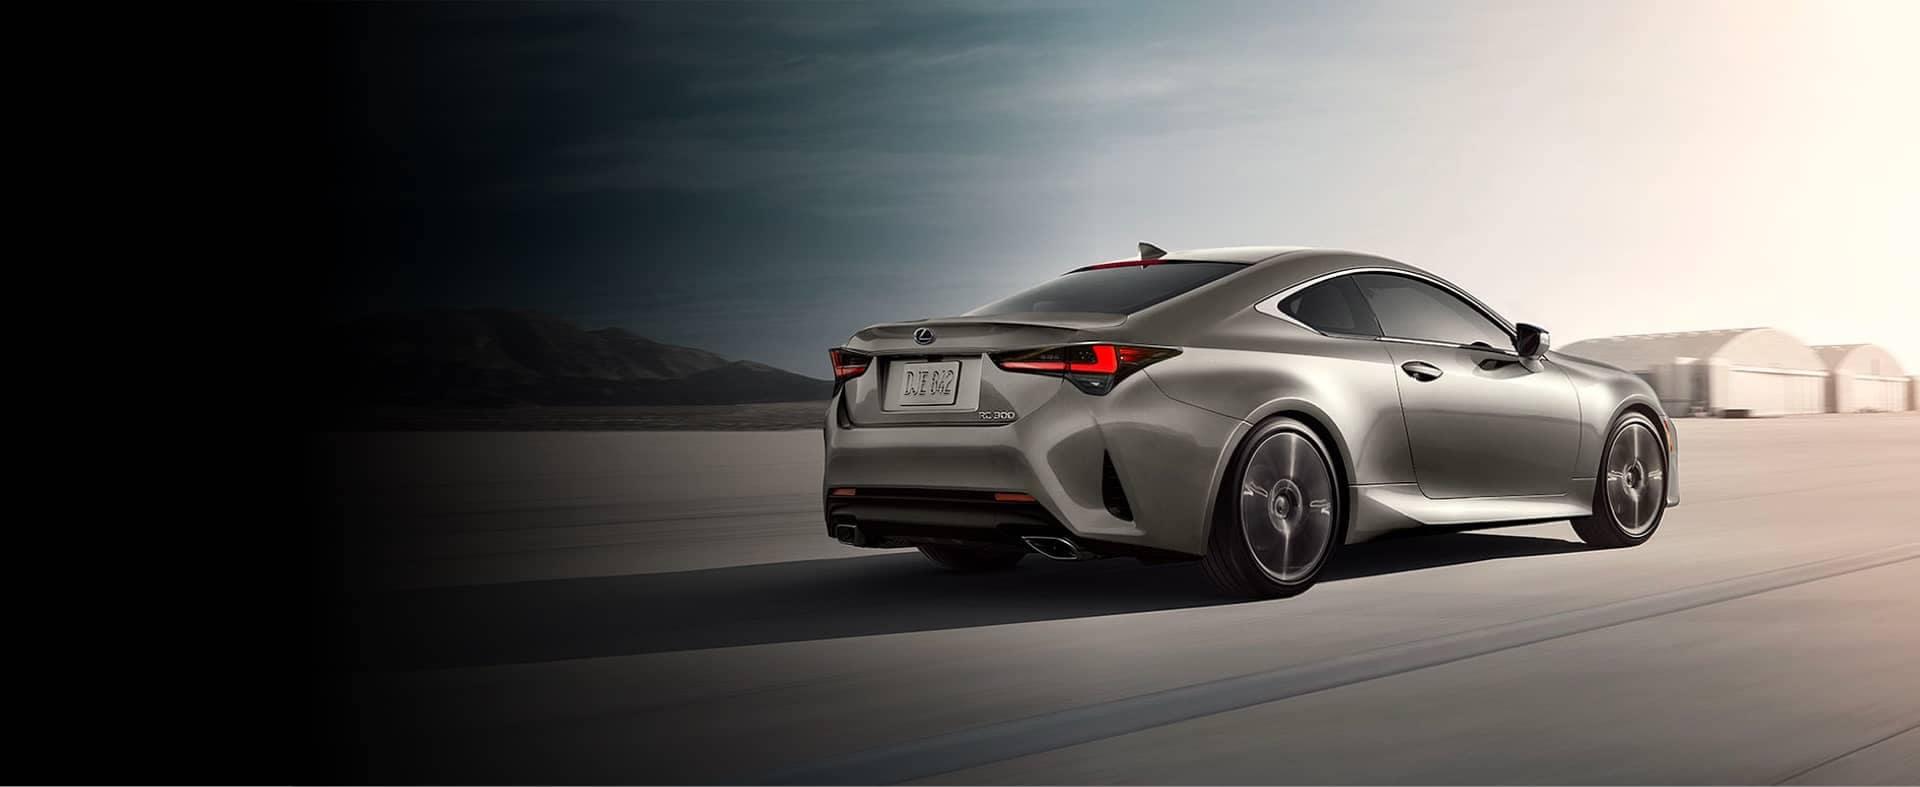 Gray Lexus Sedan driving away